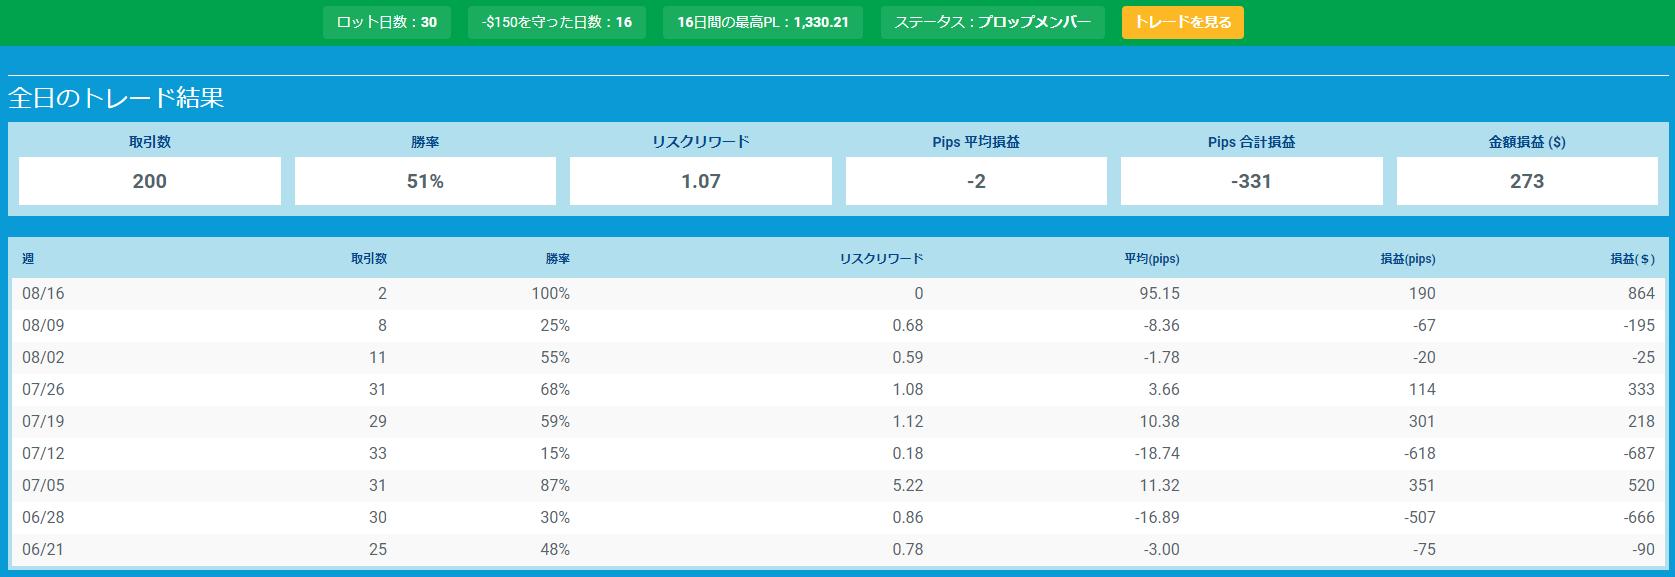 プロップトレーダーチャートTaki3